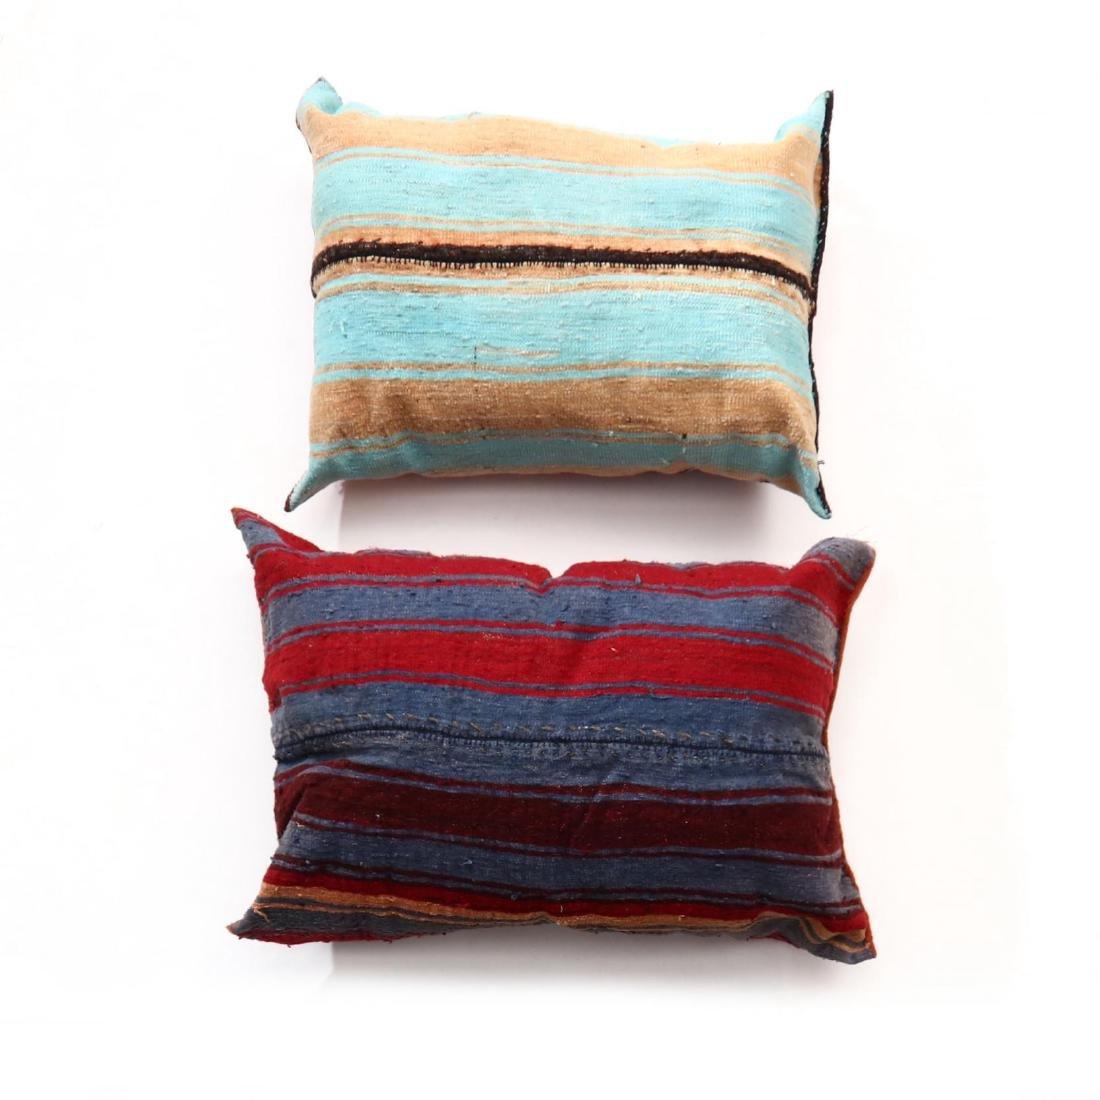 Two Oversized Kurdish Weave Floor Pillows - 2